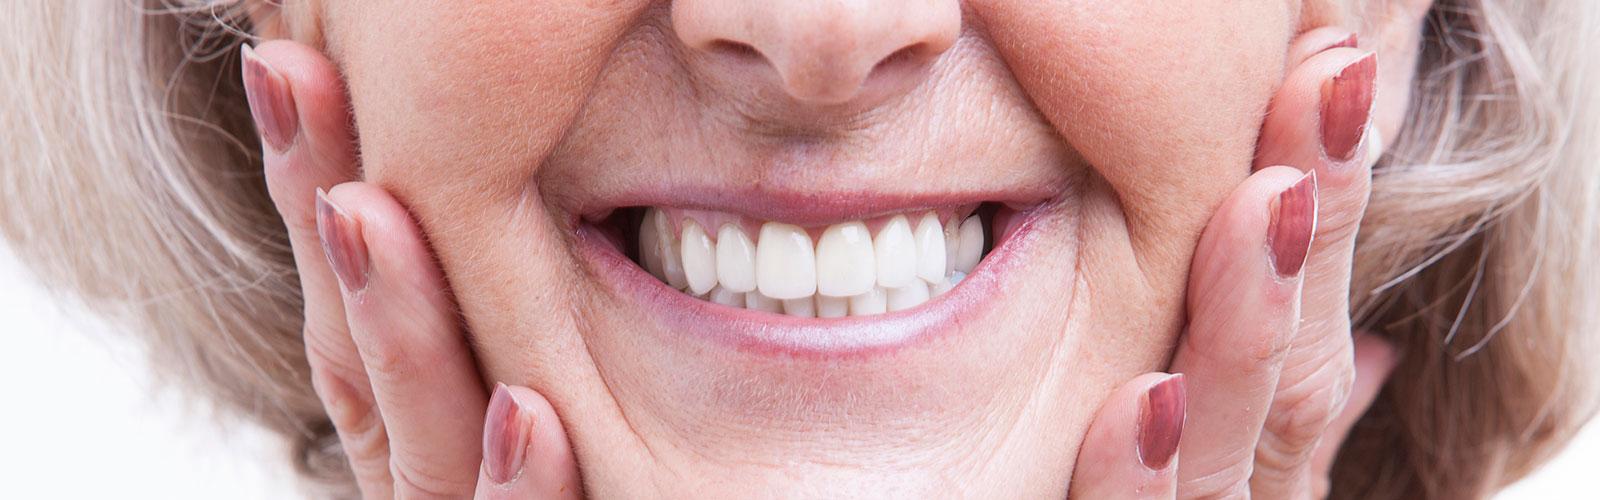 Happy patient of Bella Hanono Family Dentistry who had dentures done